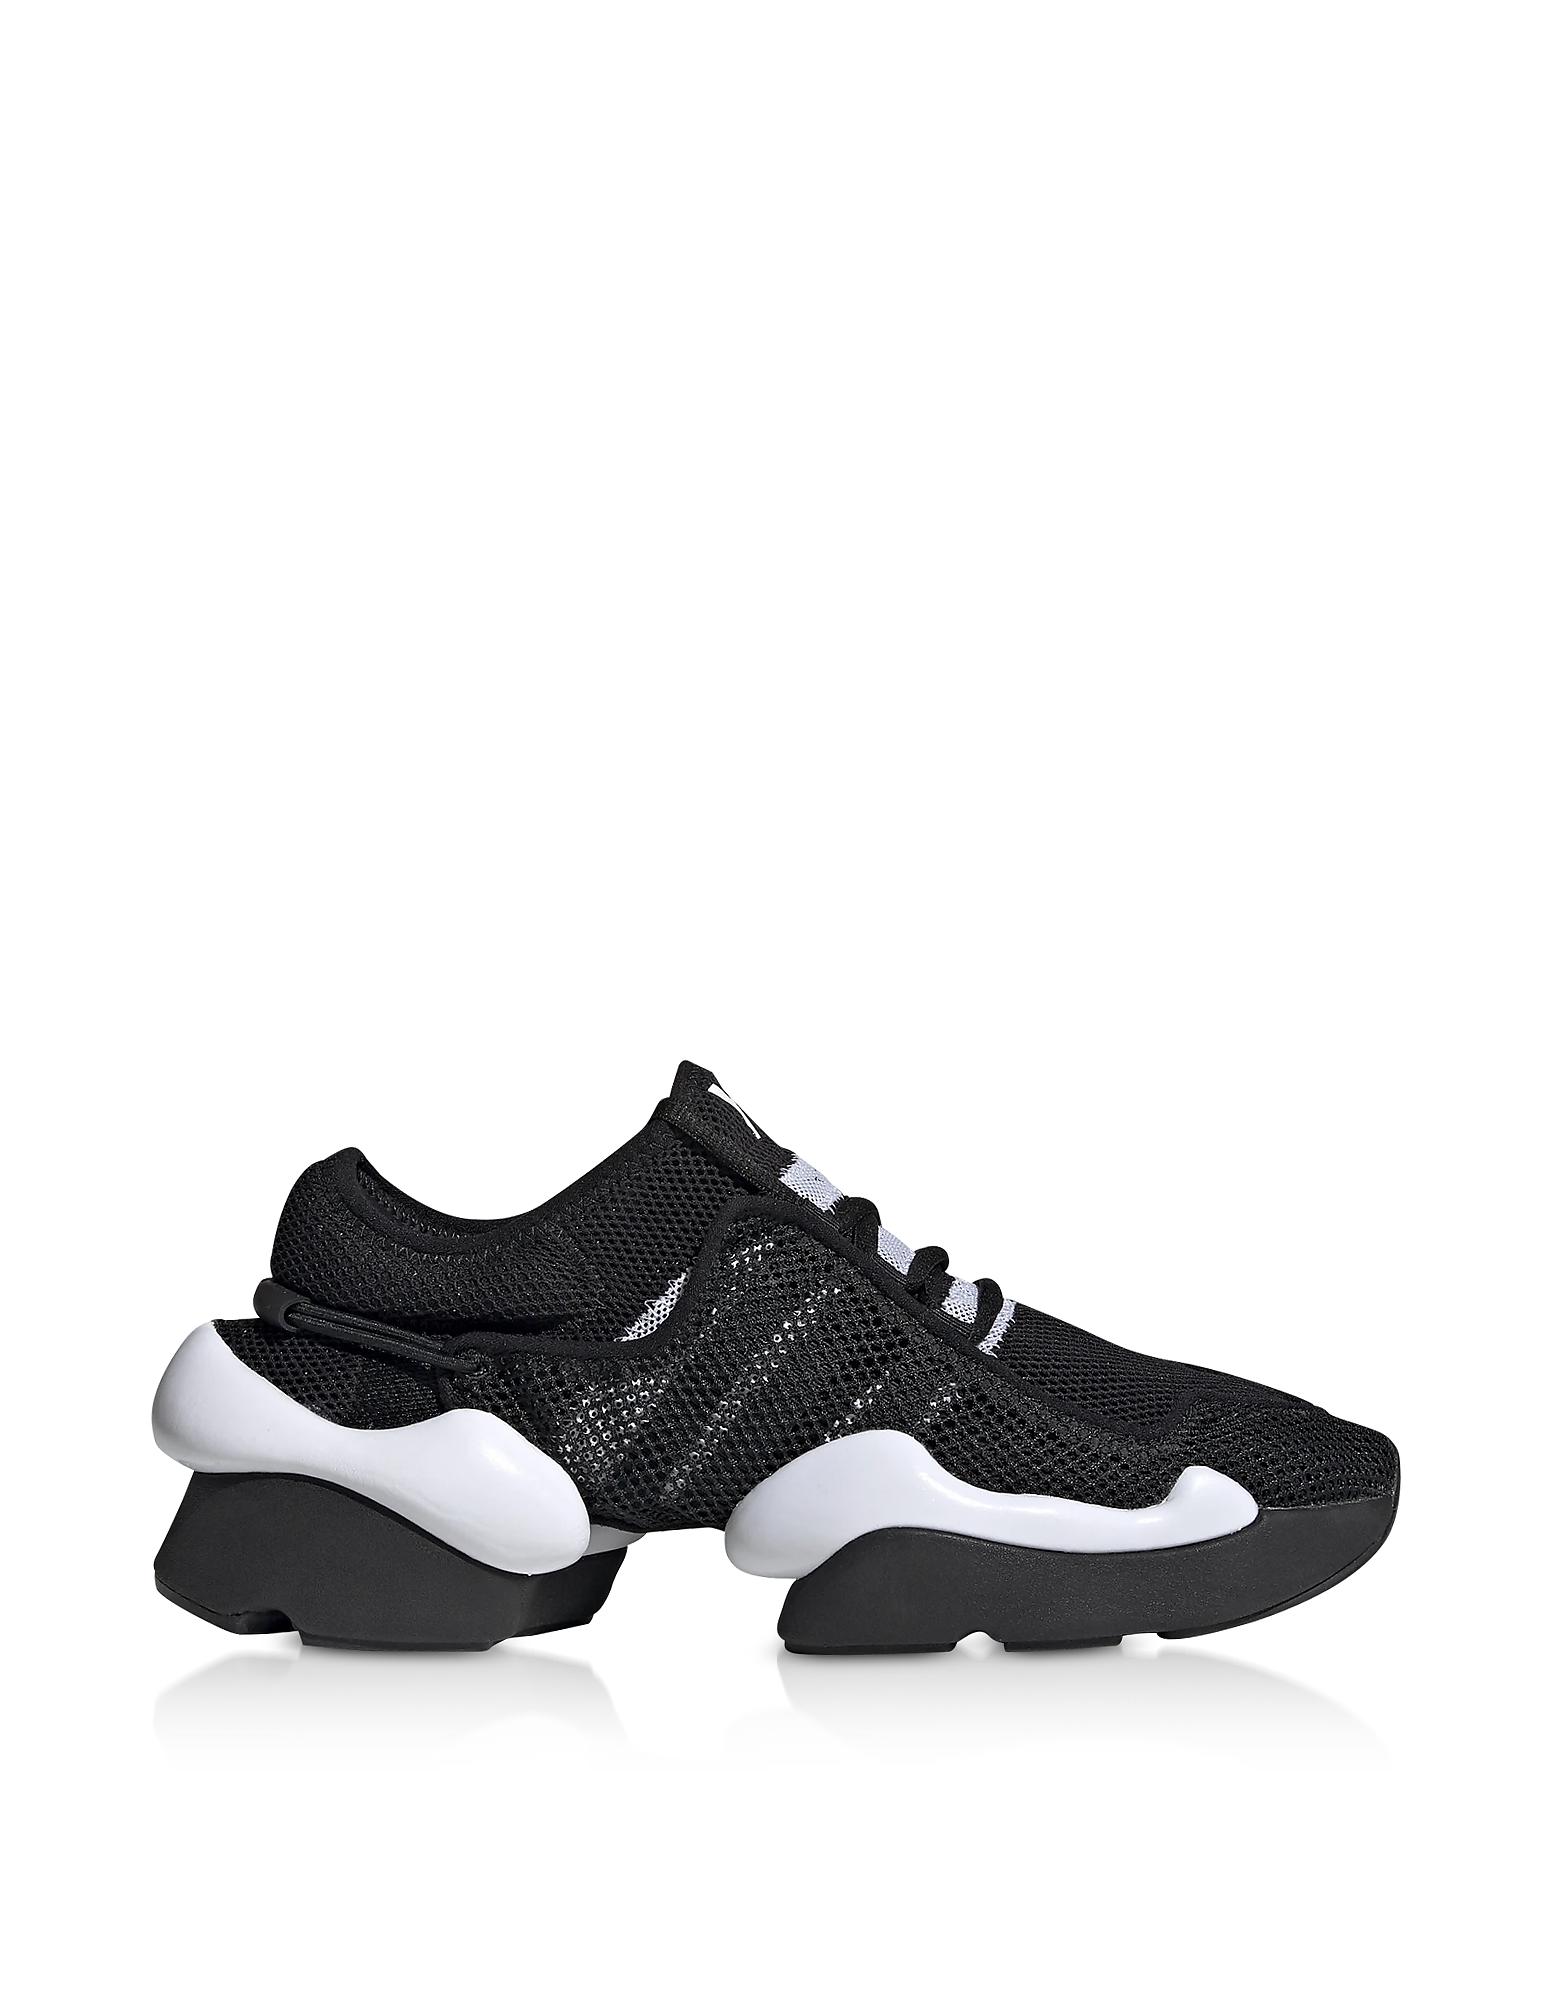 Y-3 Black Ren Sneakers, Black / white